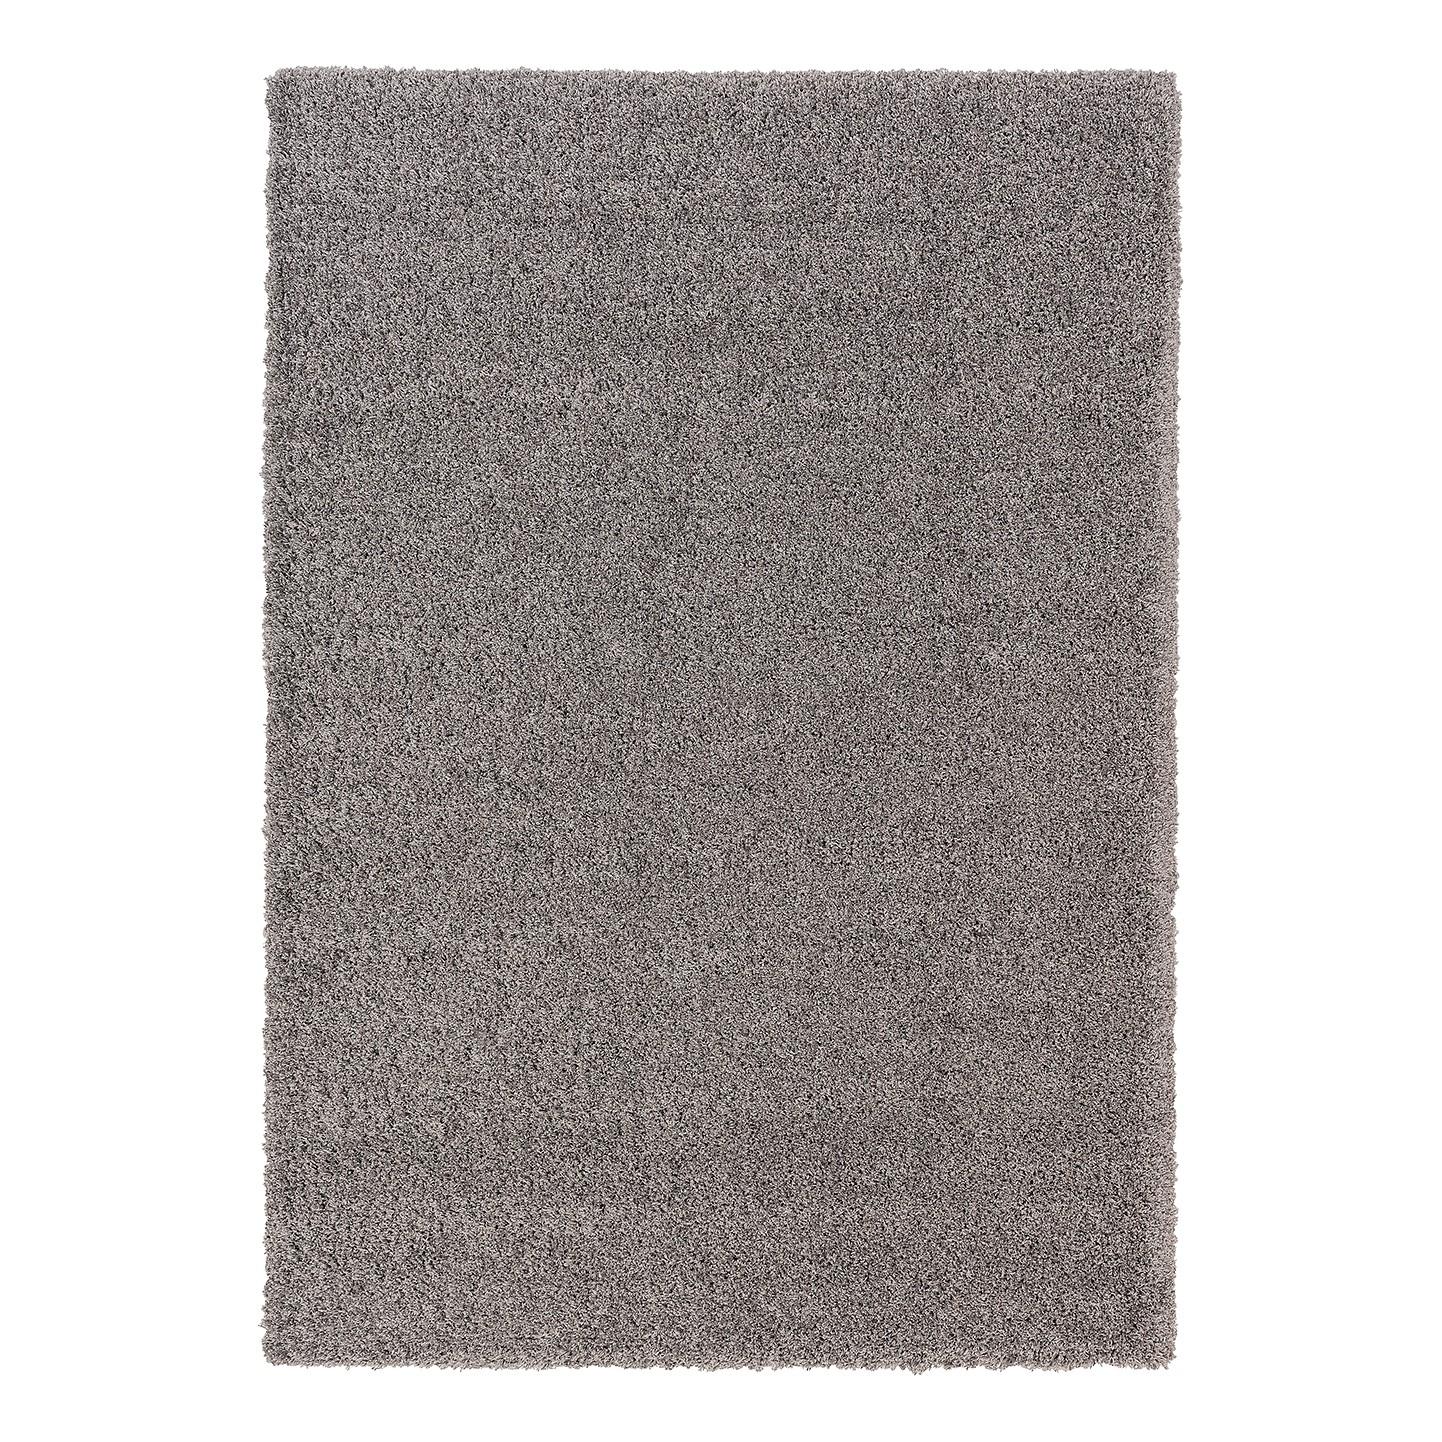 Teppich Energy - Kunstfaser - Steingrau, Schöner Wohnen Kollektion